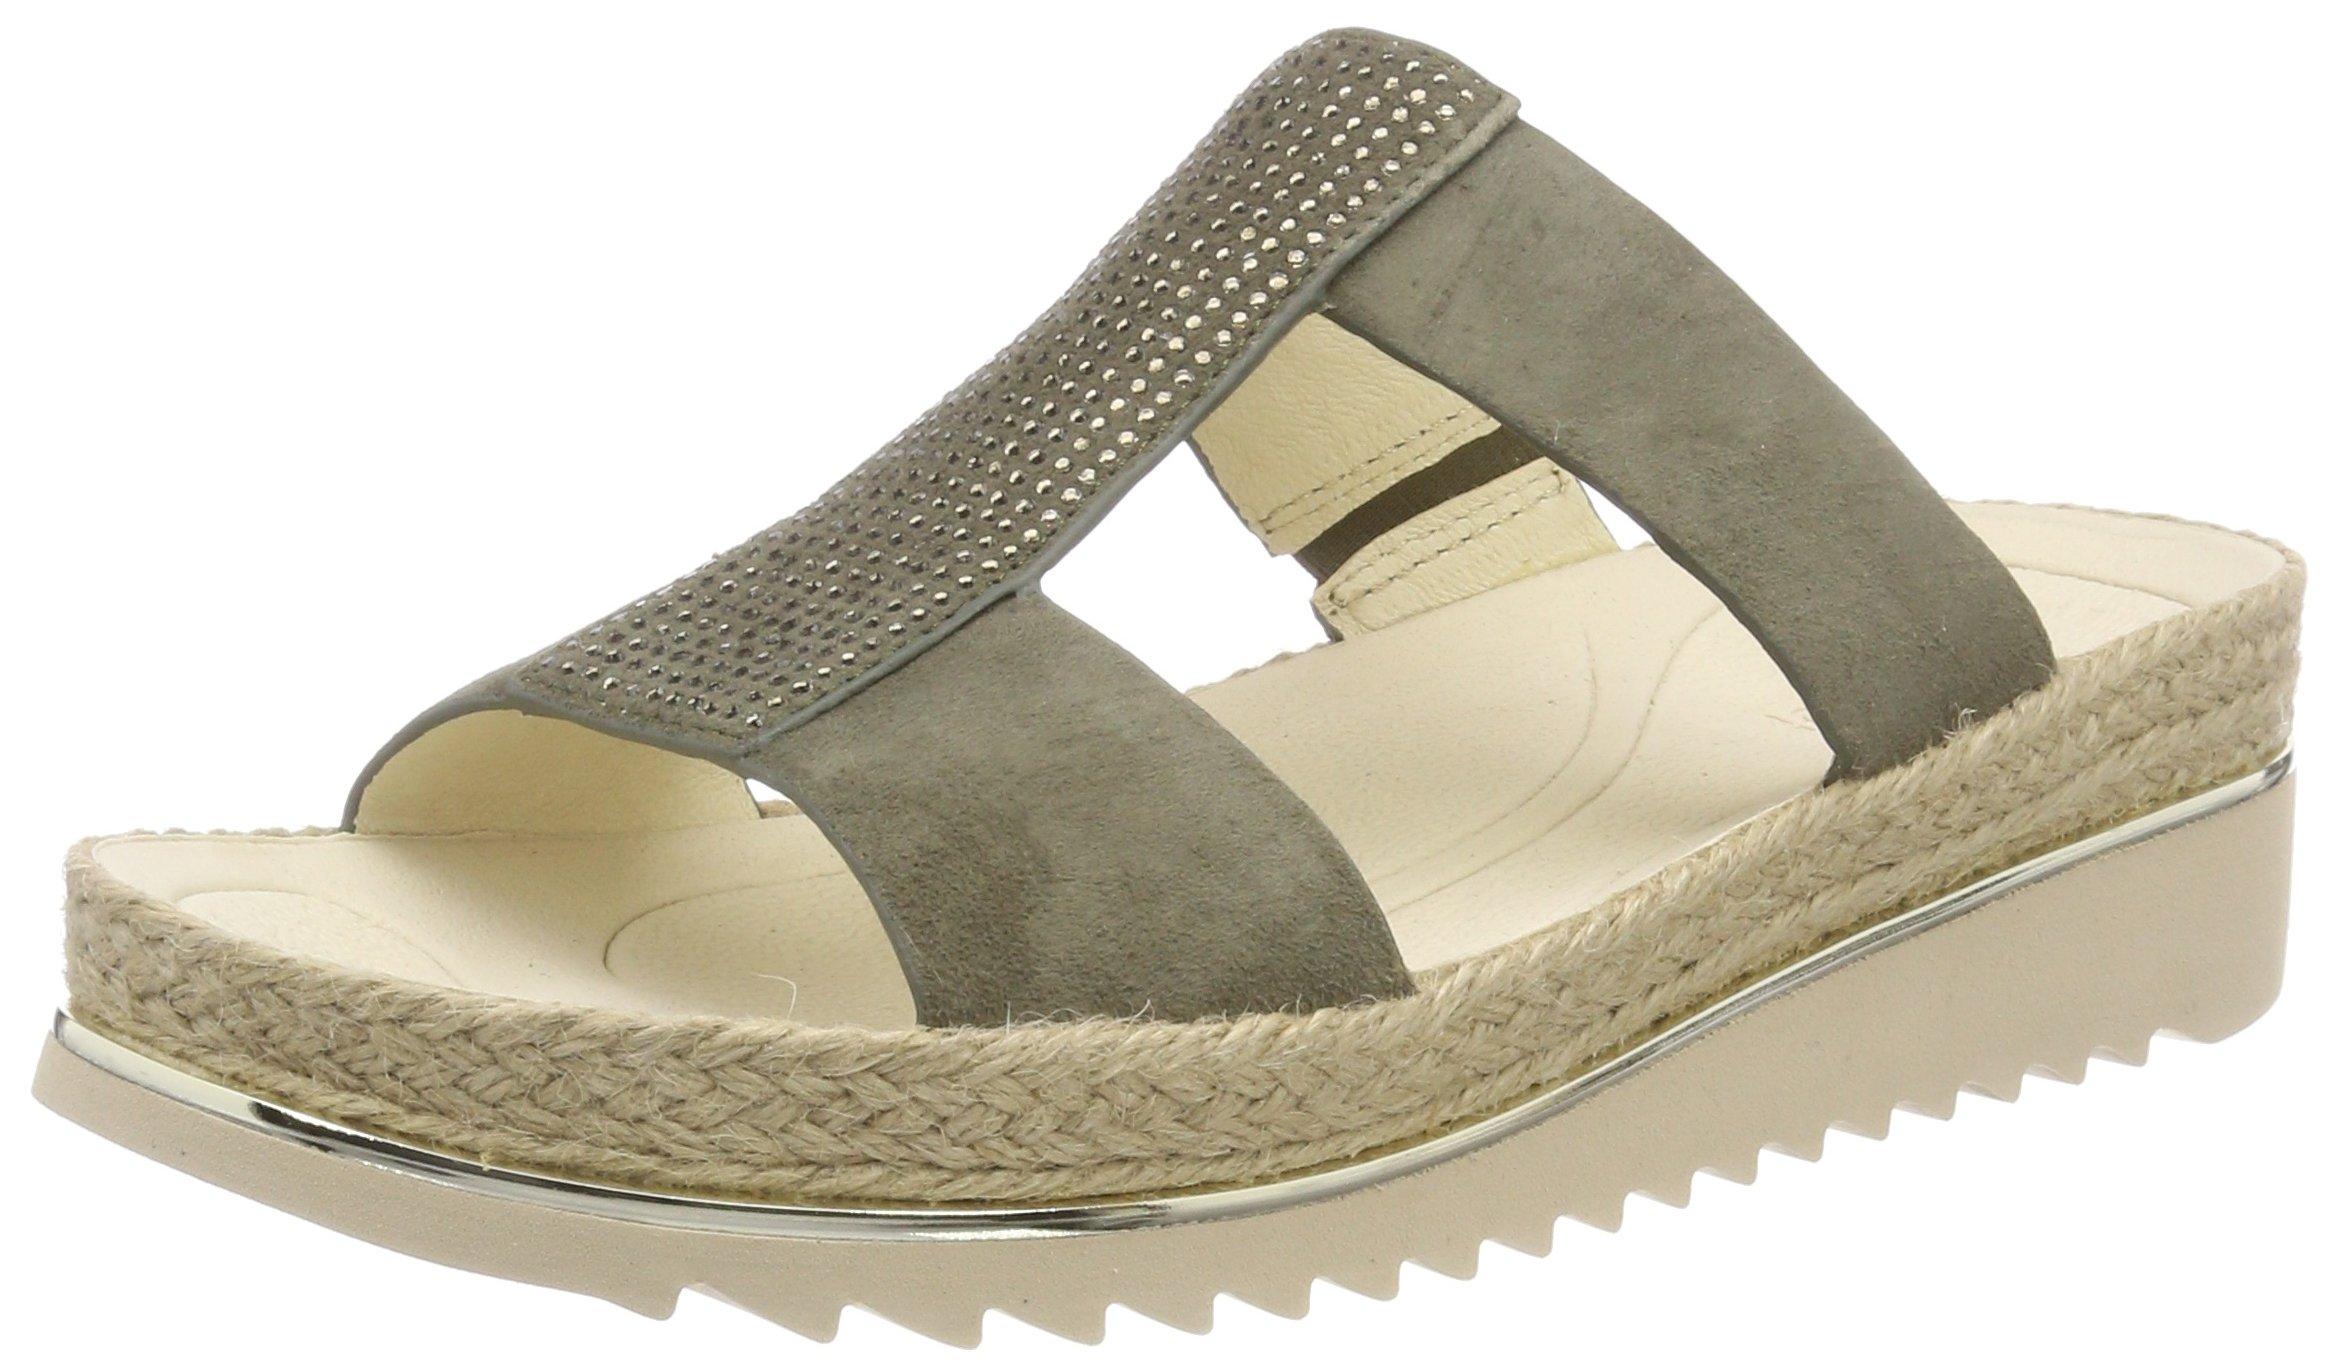 JollysMules Eu 5 FemmeVertoliv38 Shoes Gabor ulTwkOPZXi